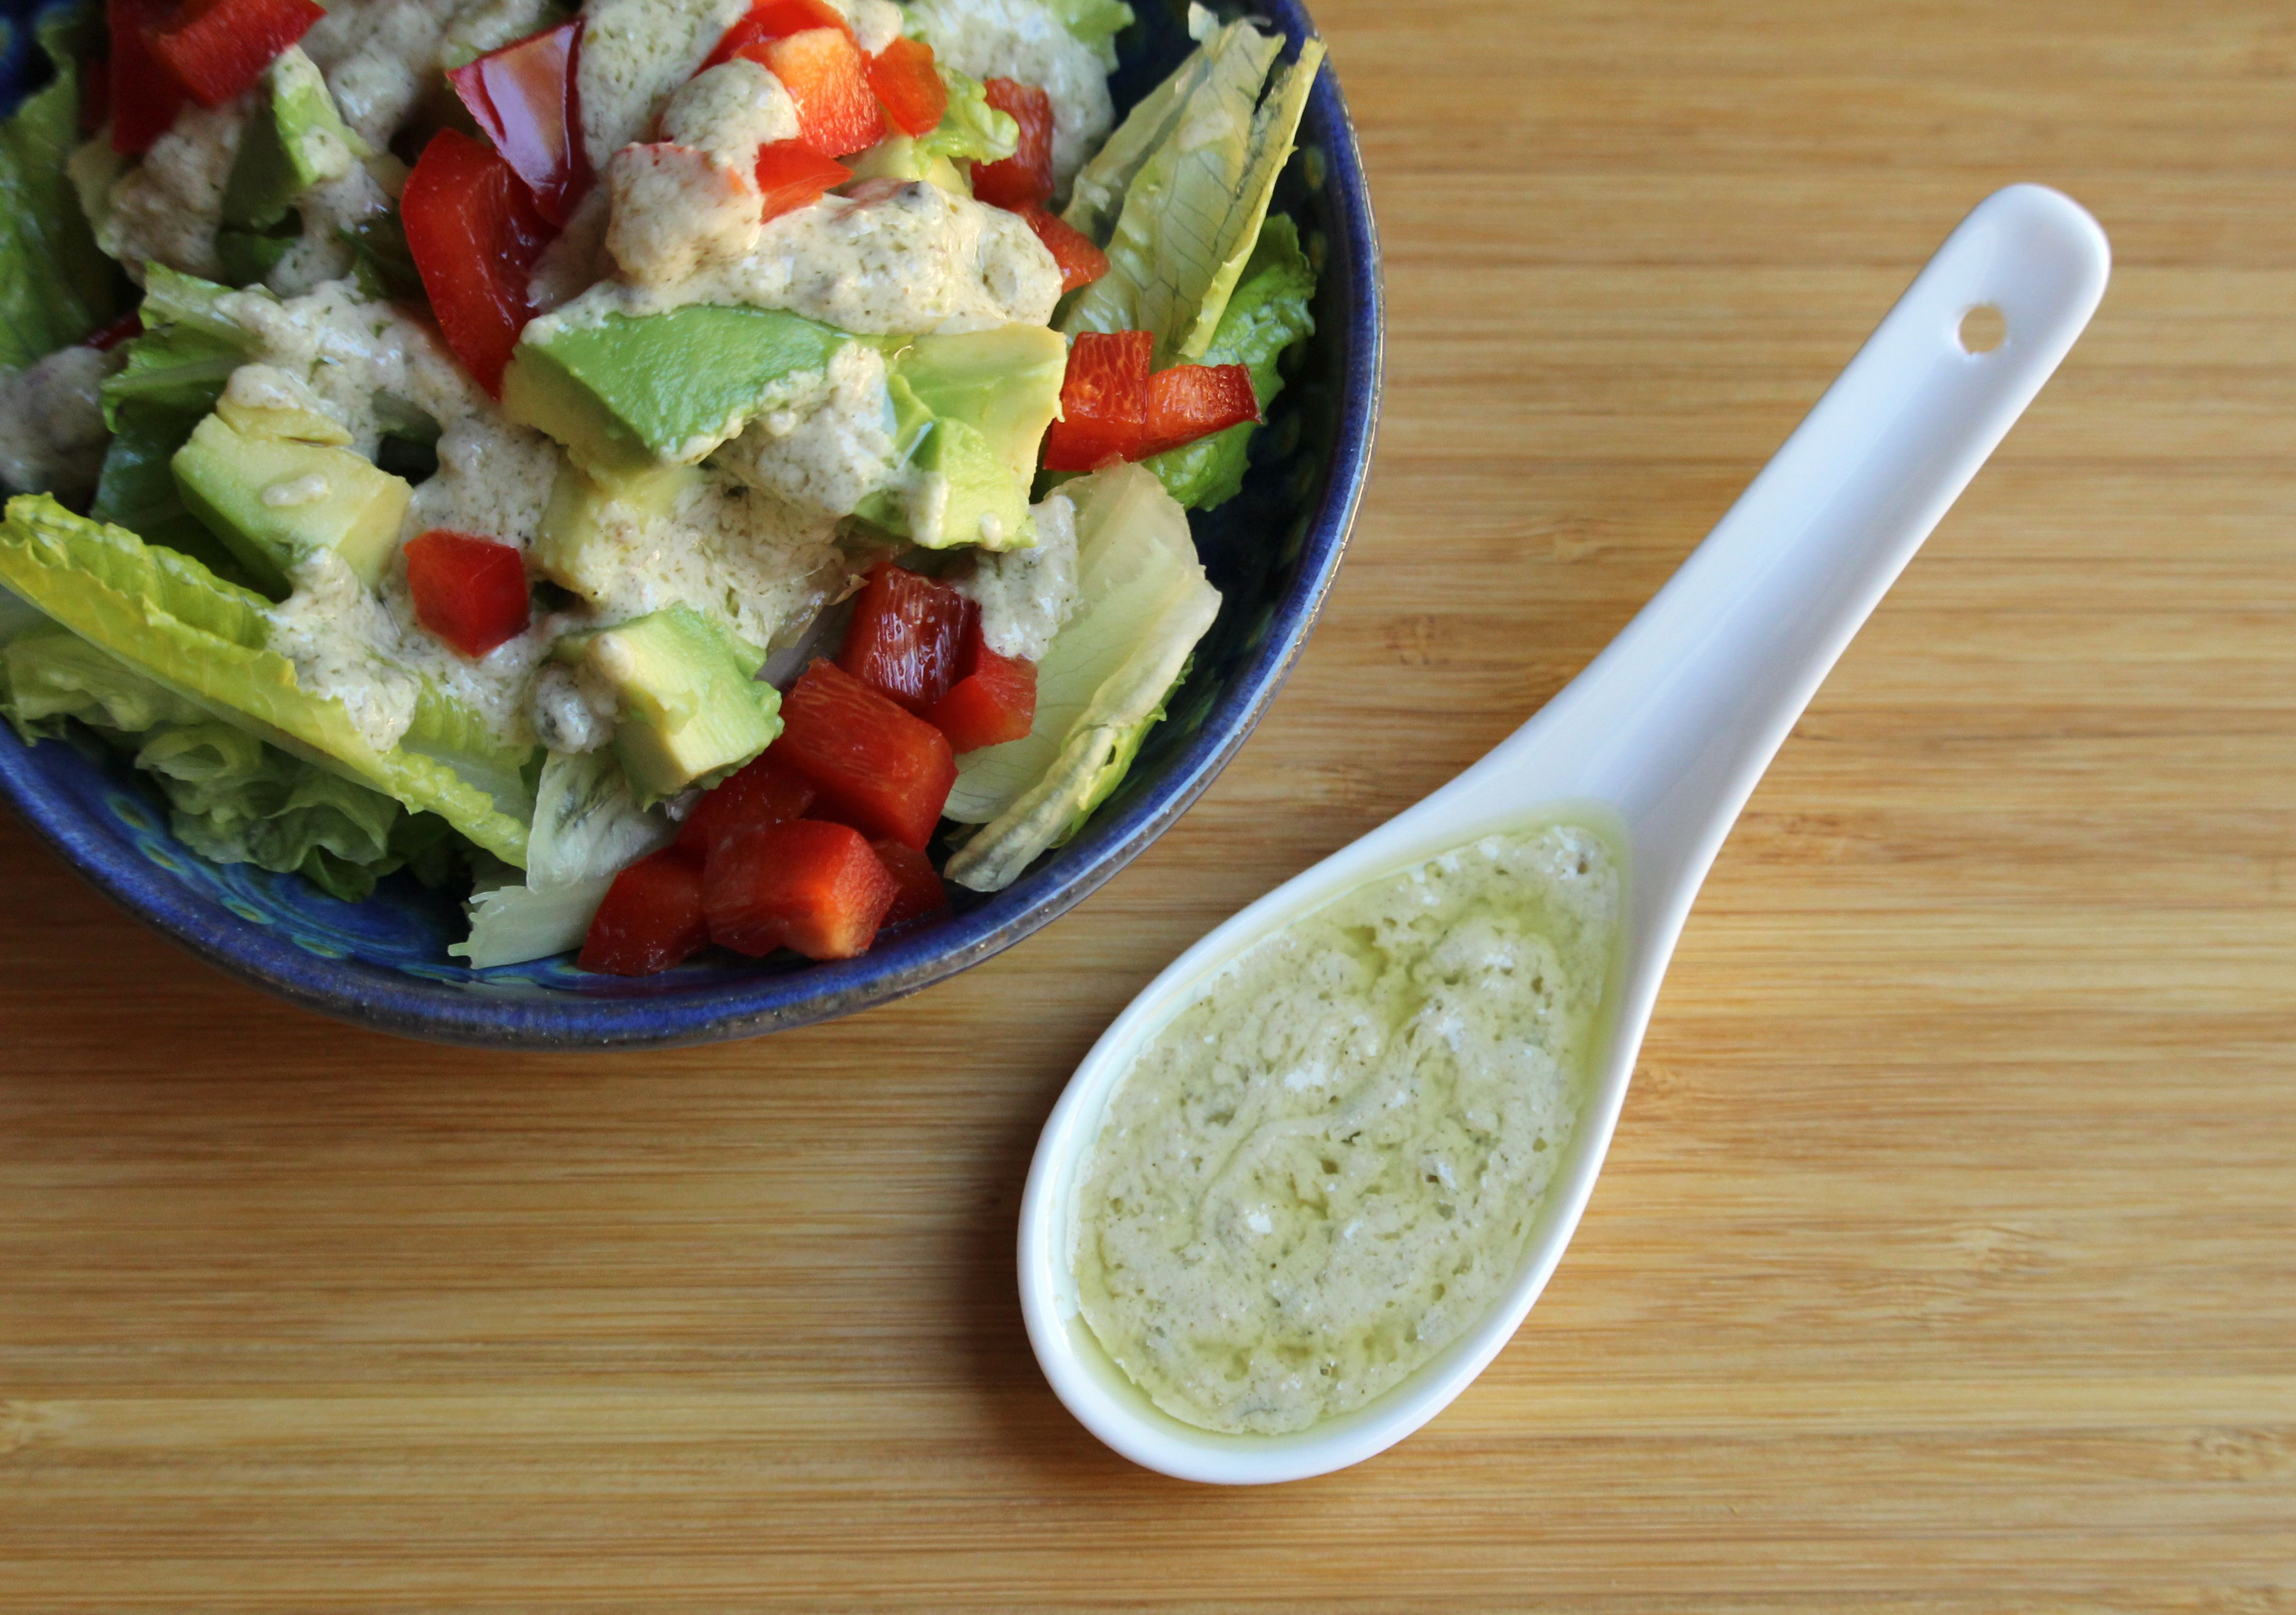 A Vegan Recipe For Tahini Caper Salad Dressing Made With Tahini Lemon Juice Extra Virgin Olive Oil Homemade Dressing Recipe Vegan Salad Dressing Vegan Salad [ 3216 x 4573 Pixel ]